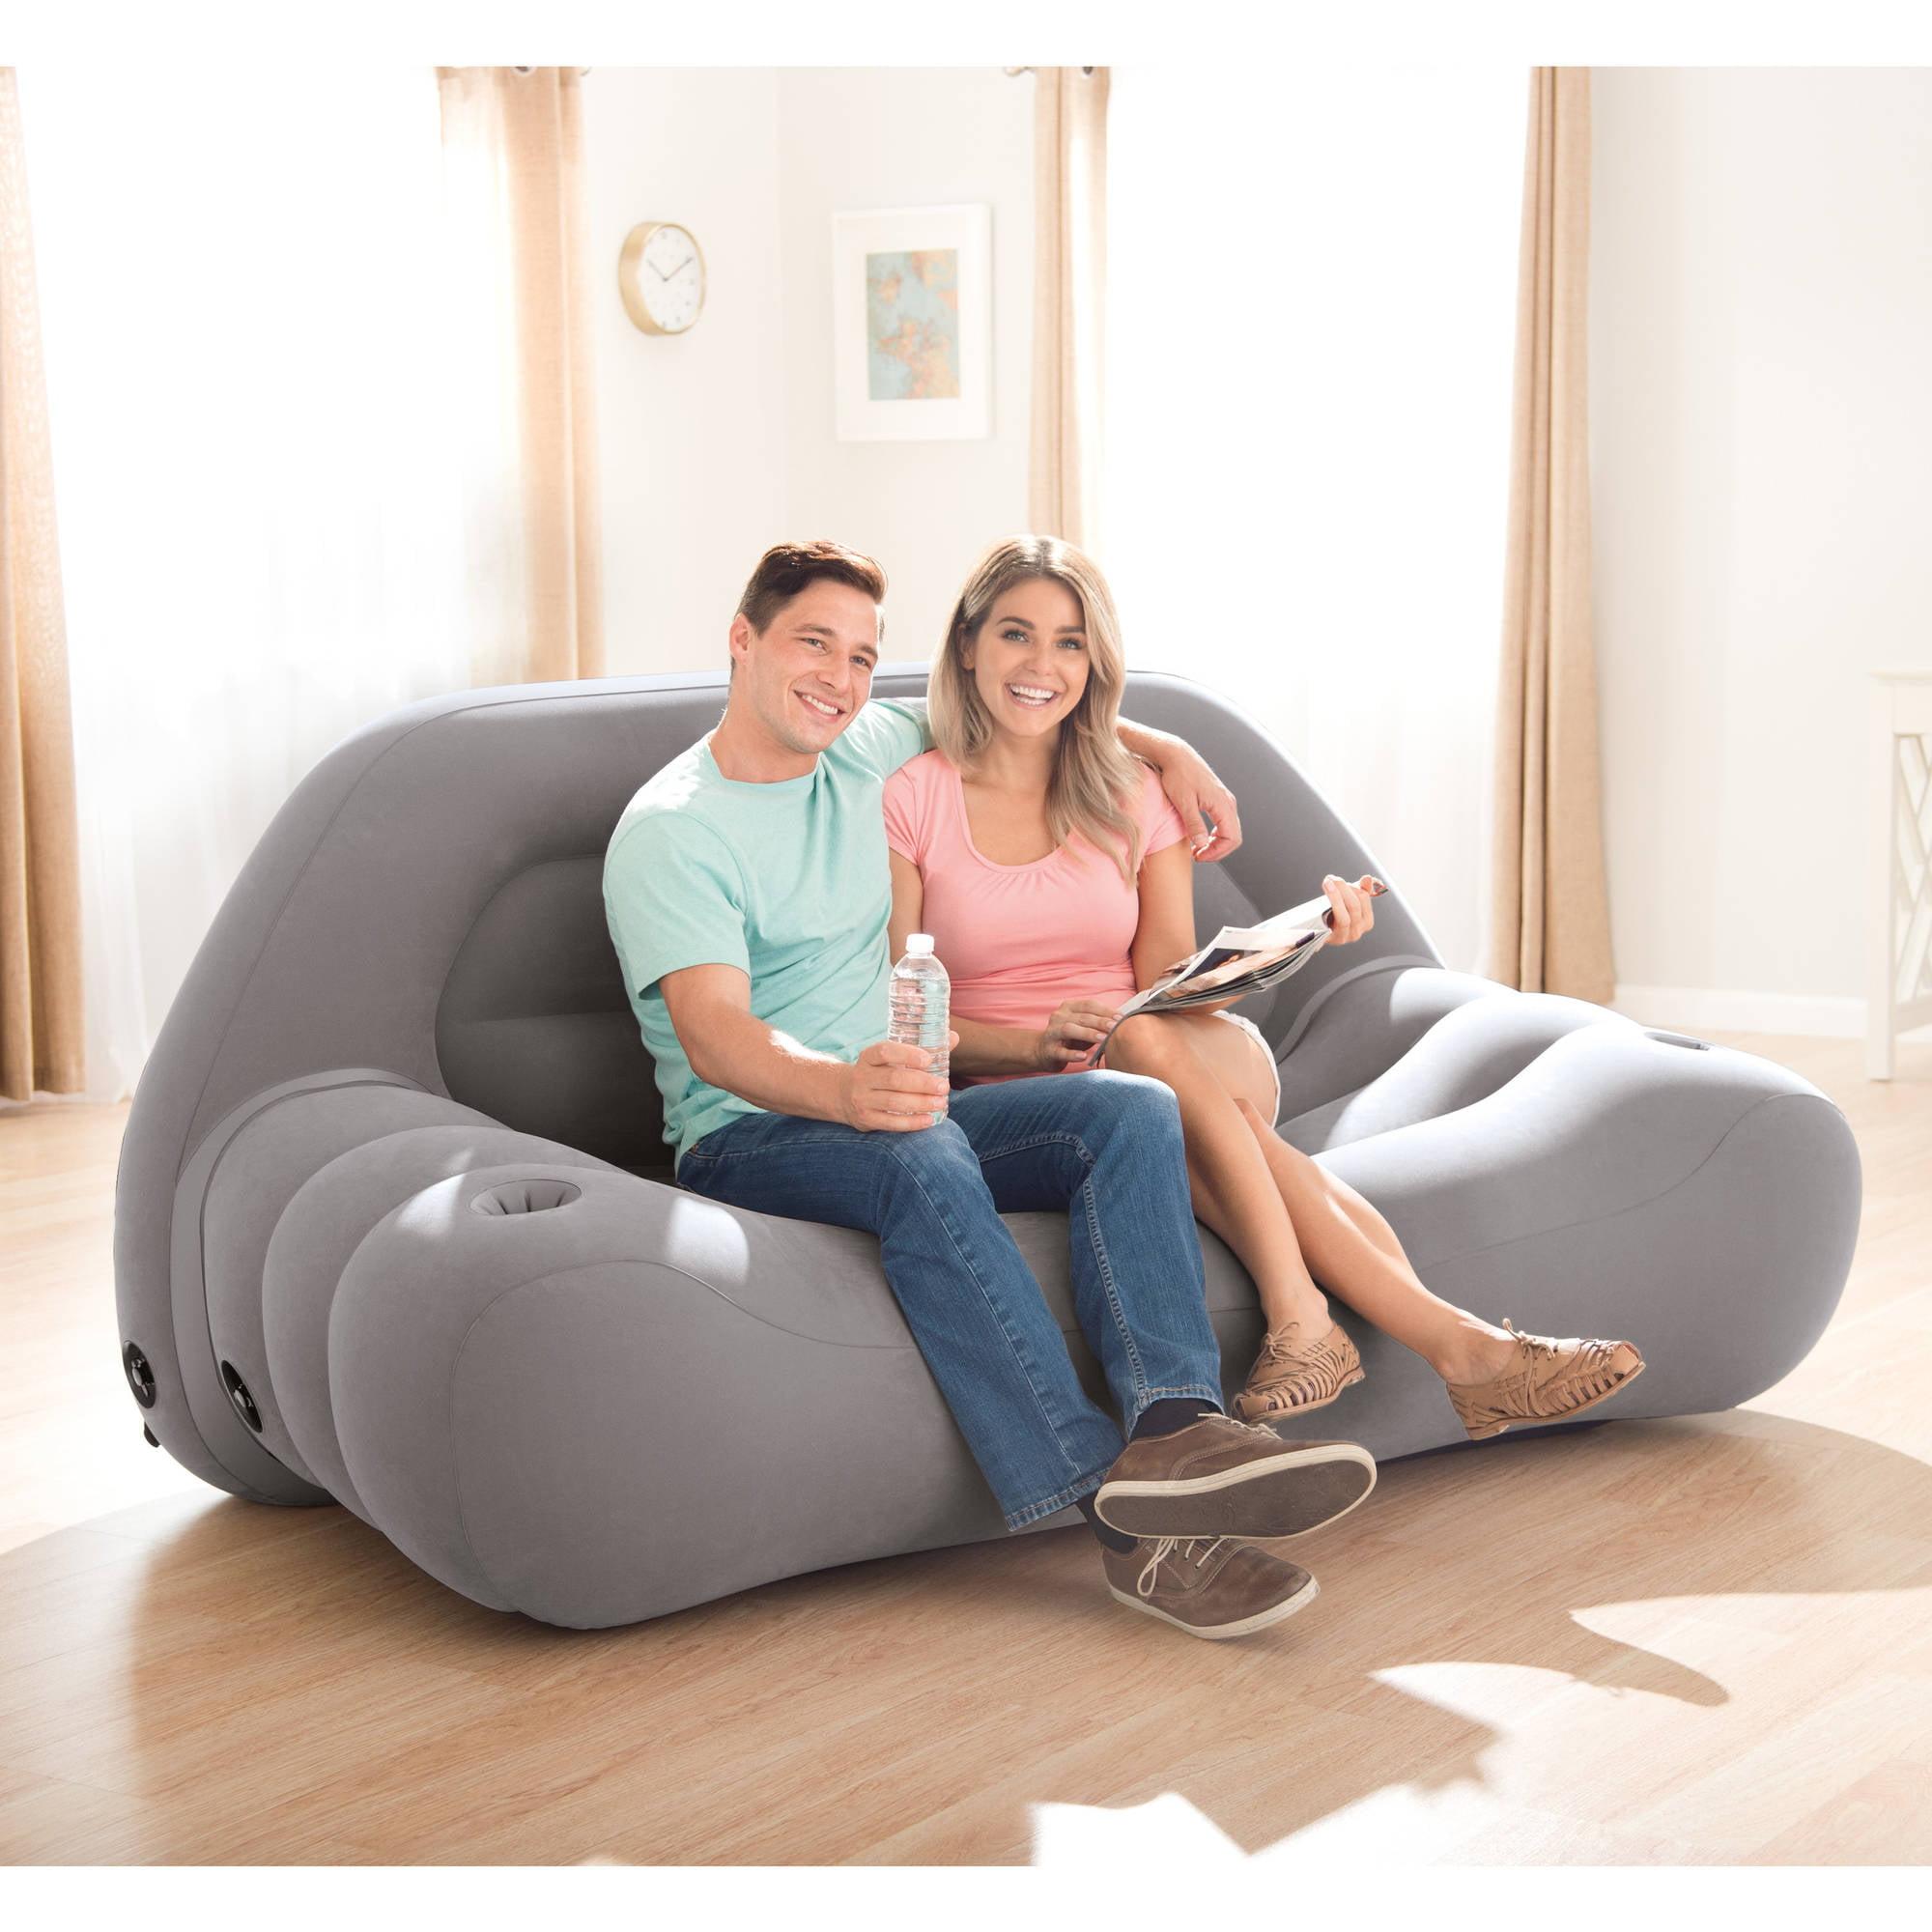 Intex Inflatable Camping Sofa Walmartcom